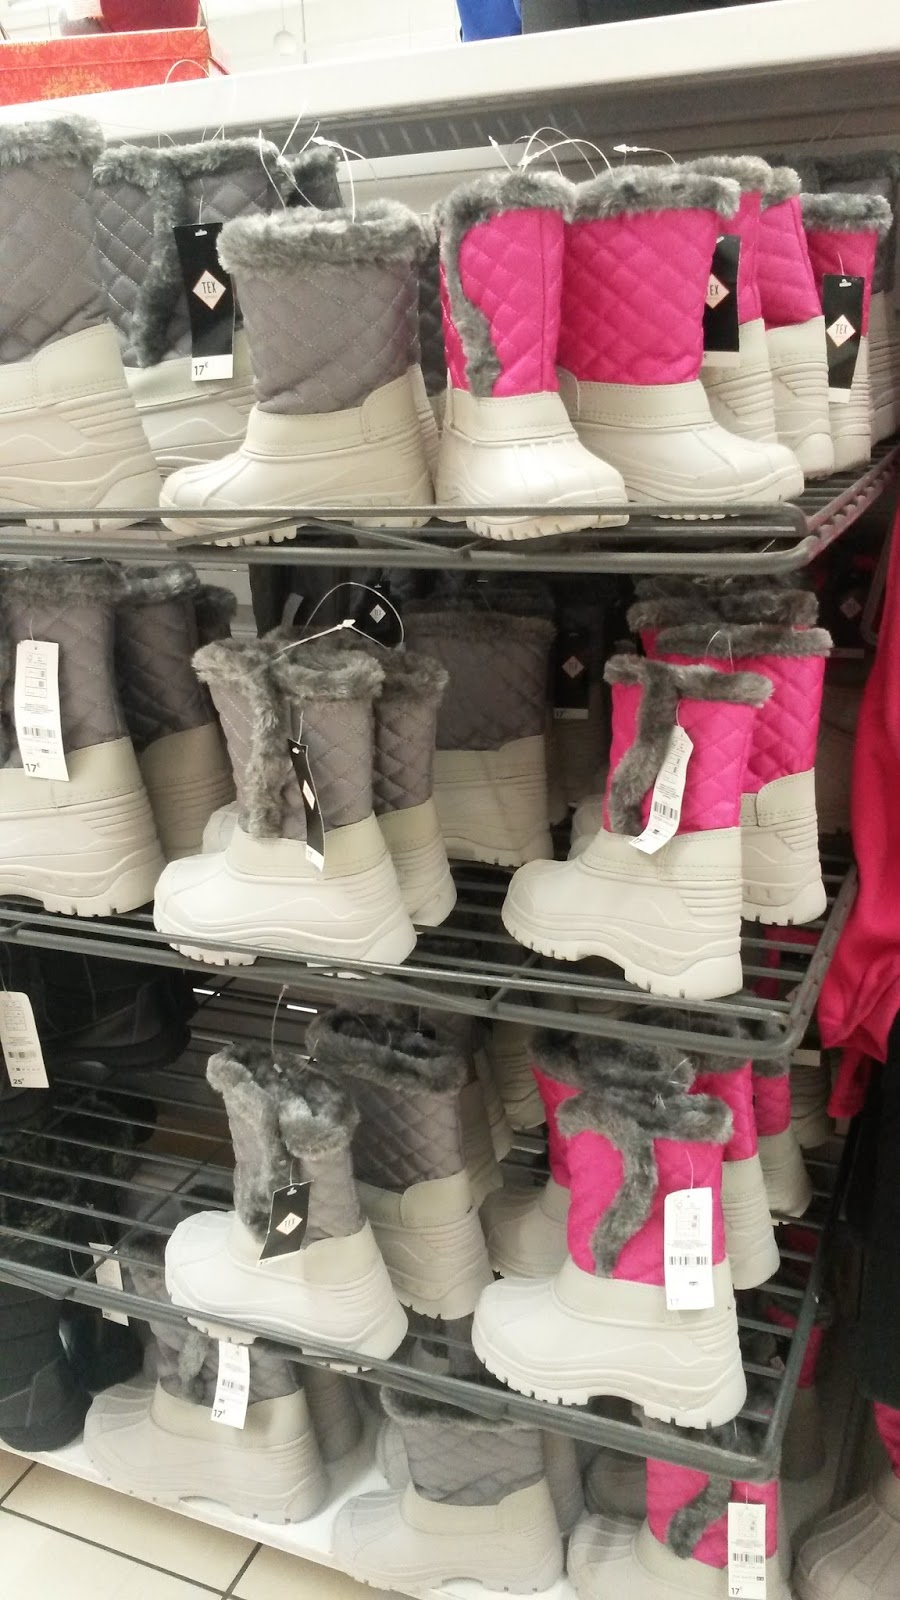 estilo de moda mayor descuento comprar Ropa de nieve barata para niños - Vigopeques